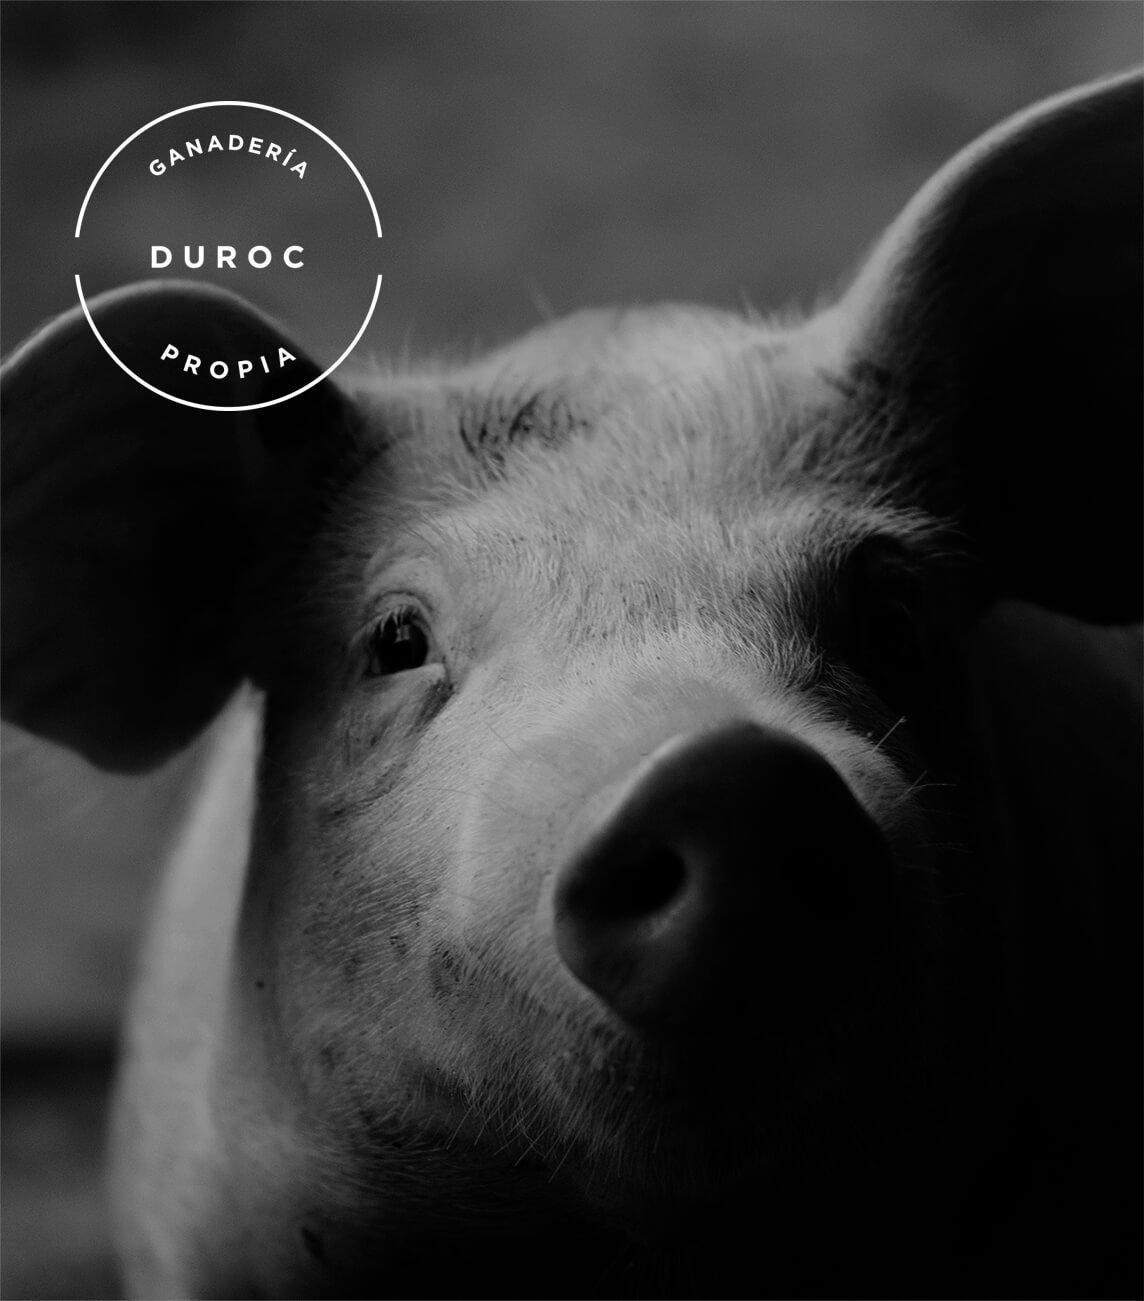 cerdo-duroc-ganaderia-alejandro-miguel